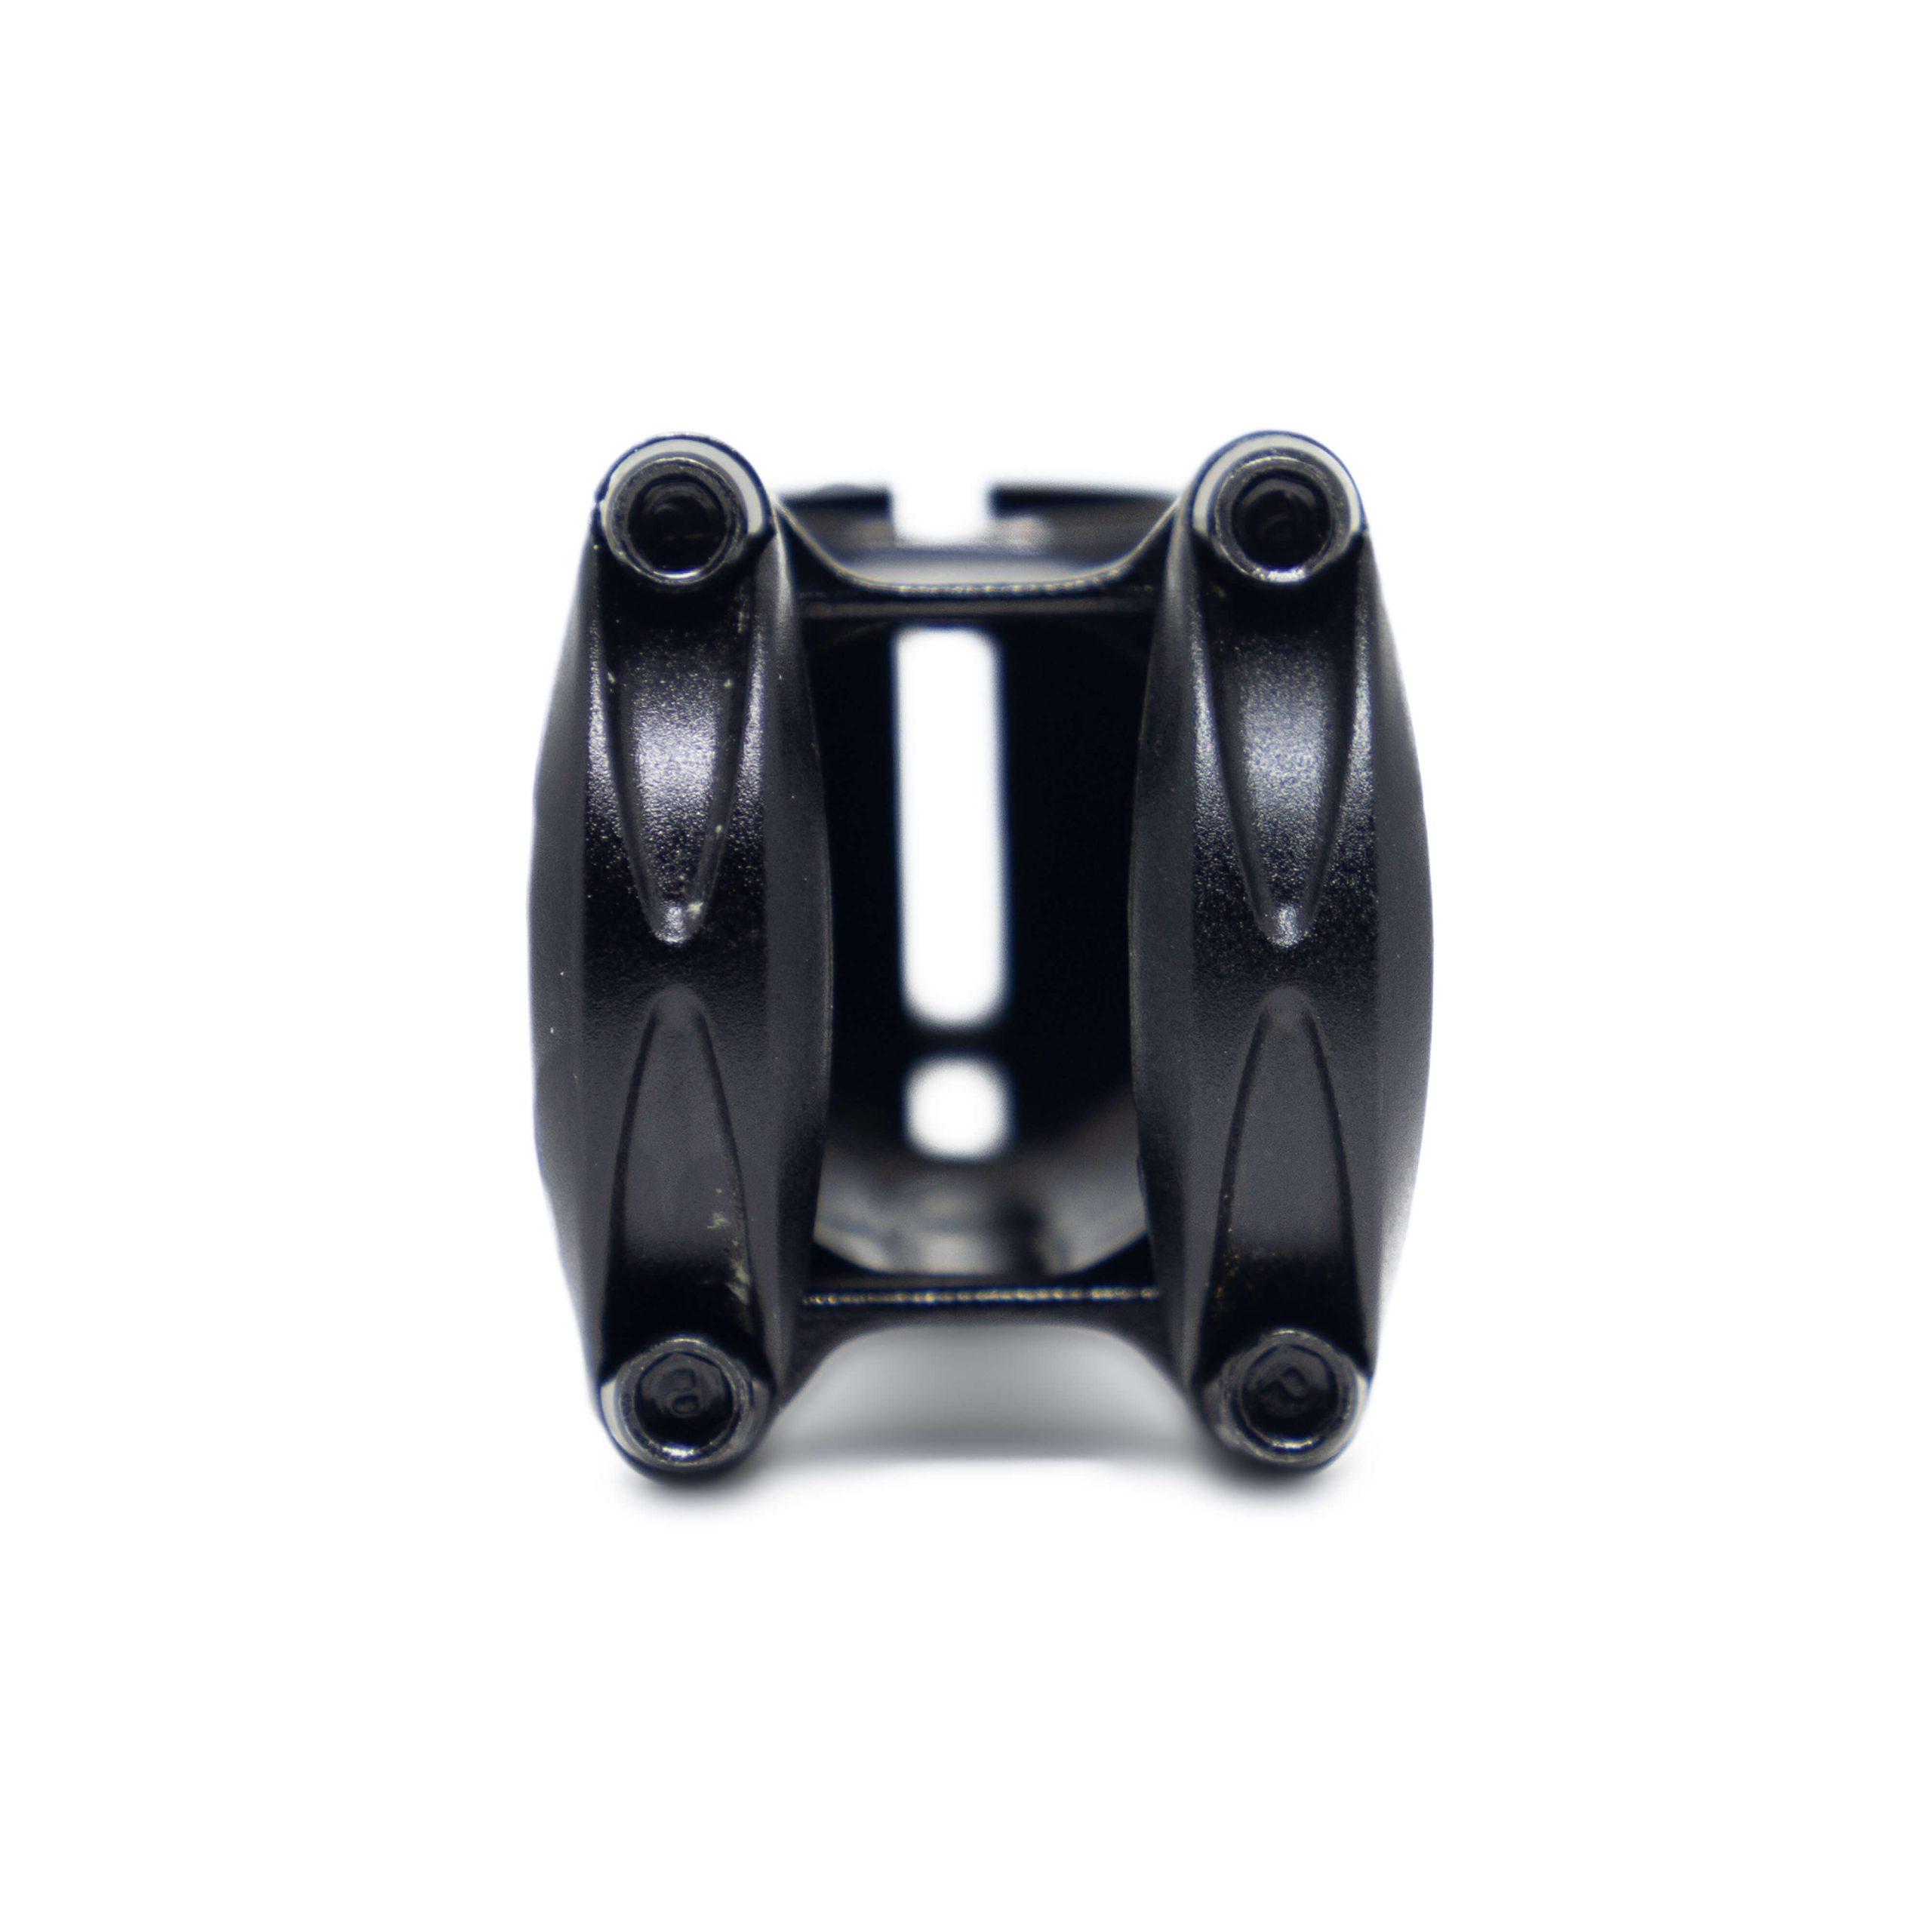 Suporte guidão TSW Black AHEAD 90mm 7